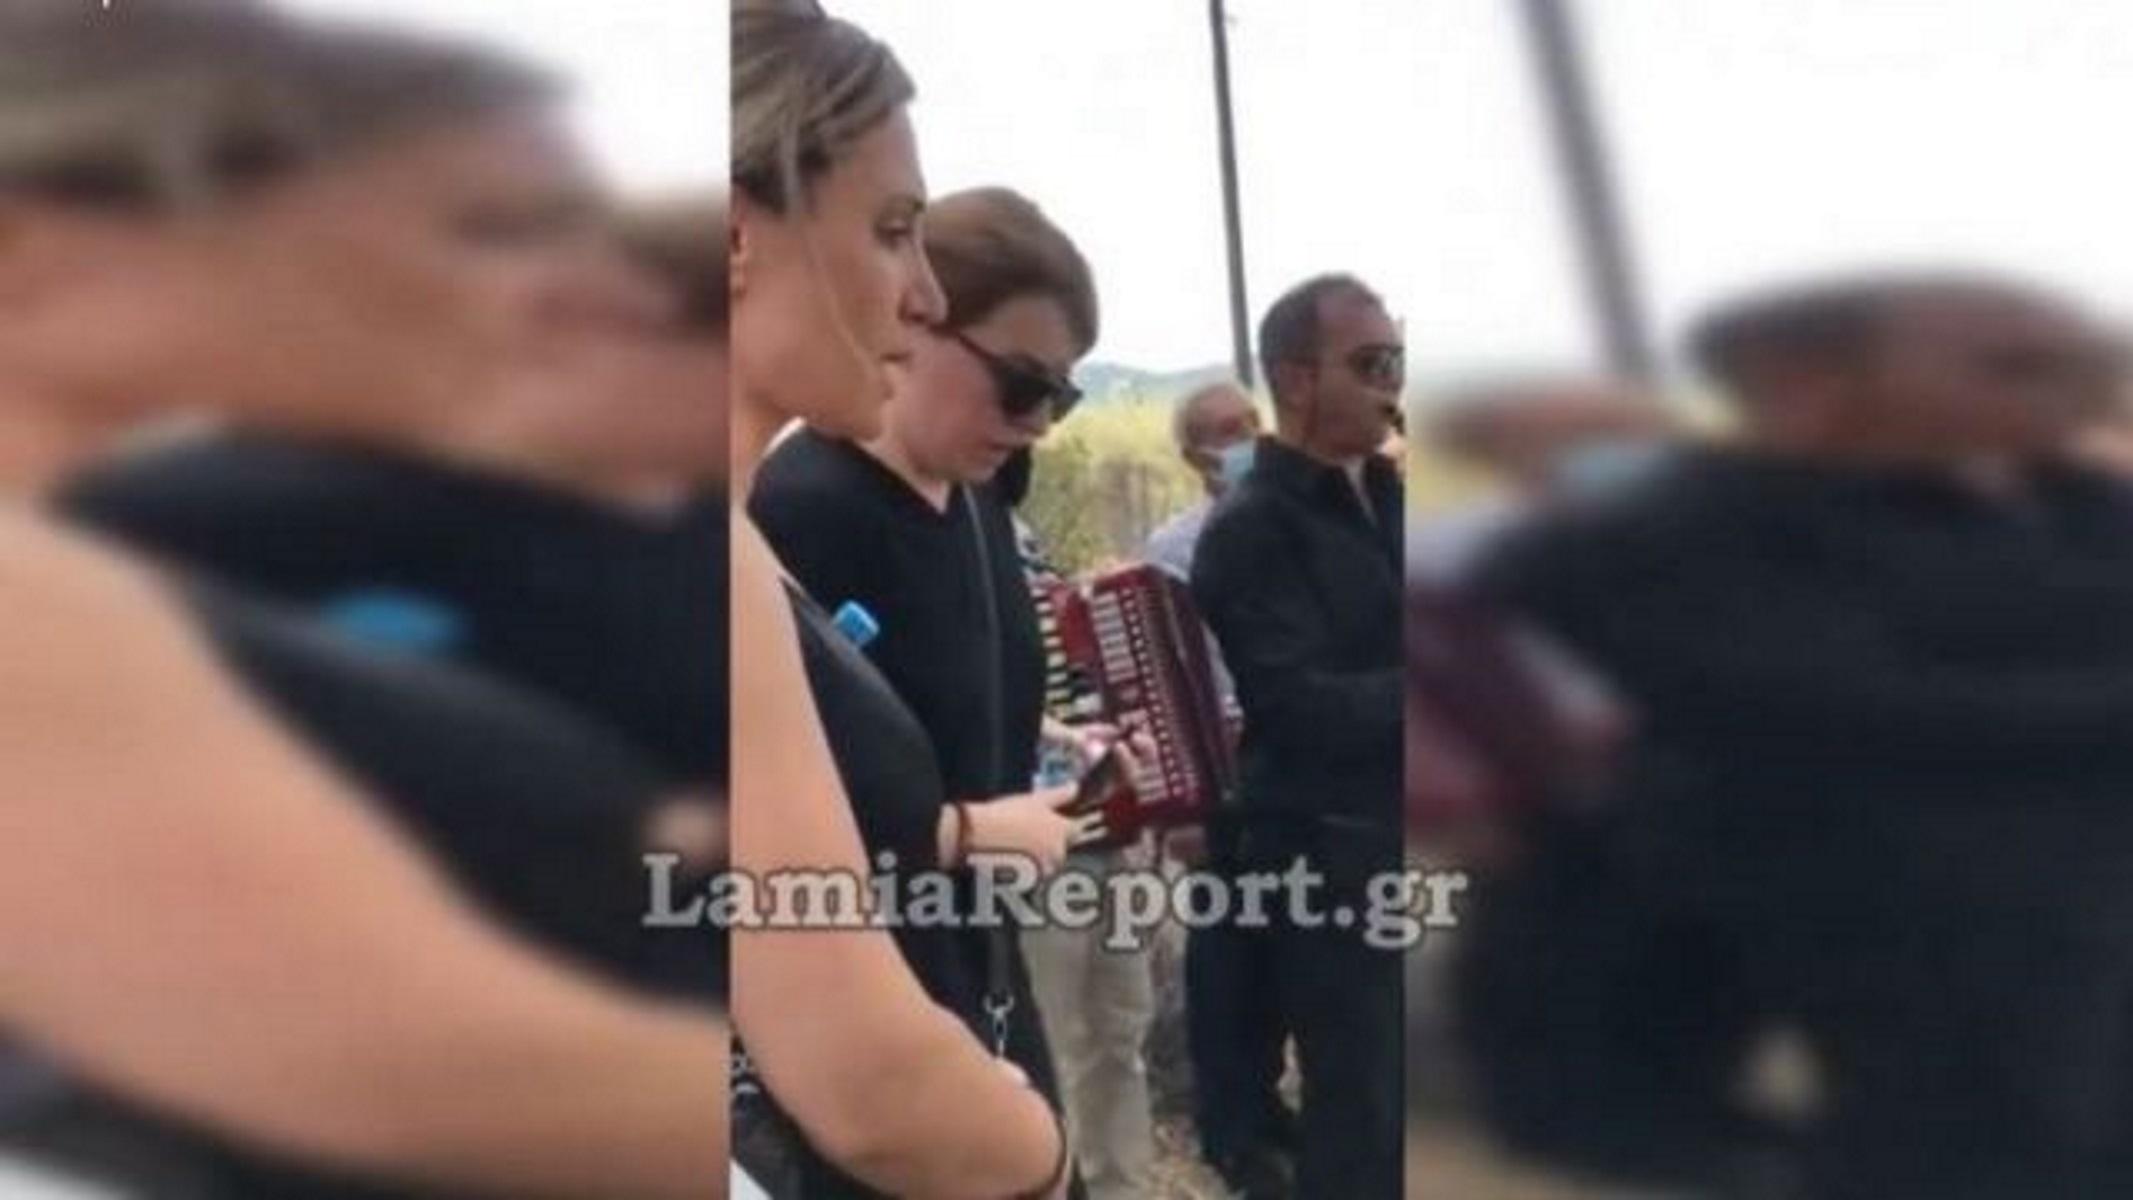 Γωγώ Τσαμπά και Γιώτα Γρίβα τραγούδησαν στην κηδεία του Βαγγέλη Τεμπέλη